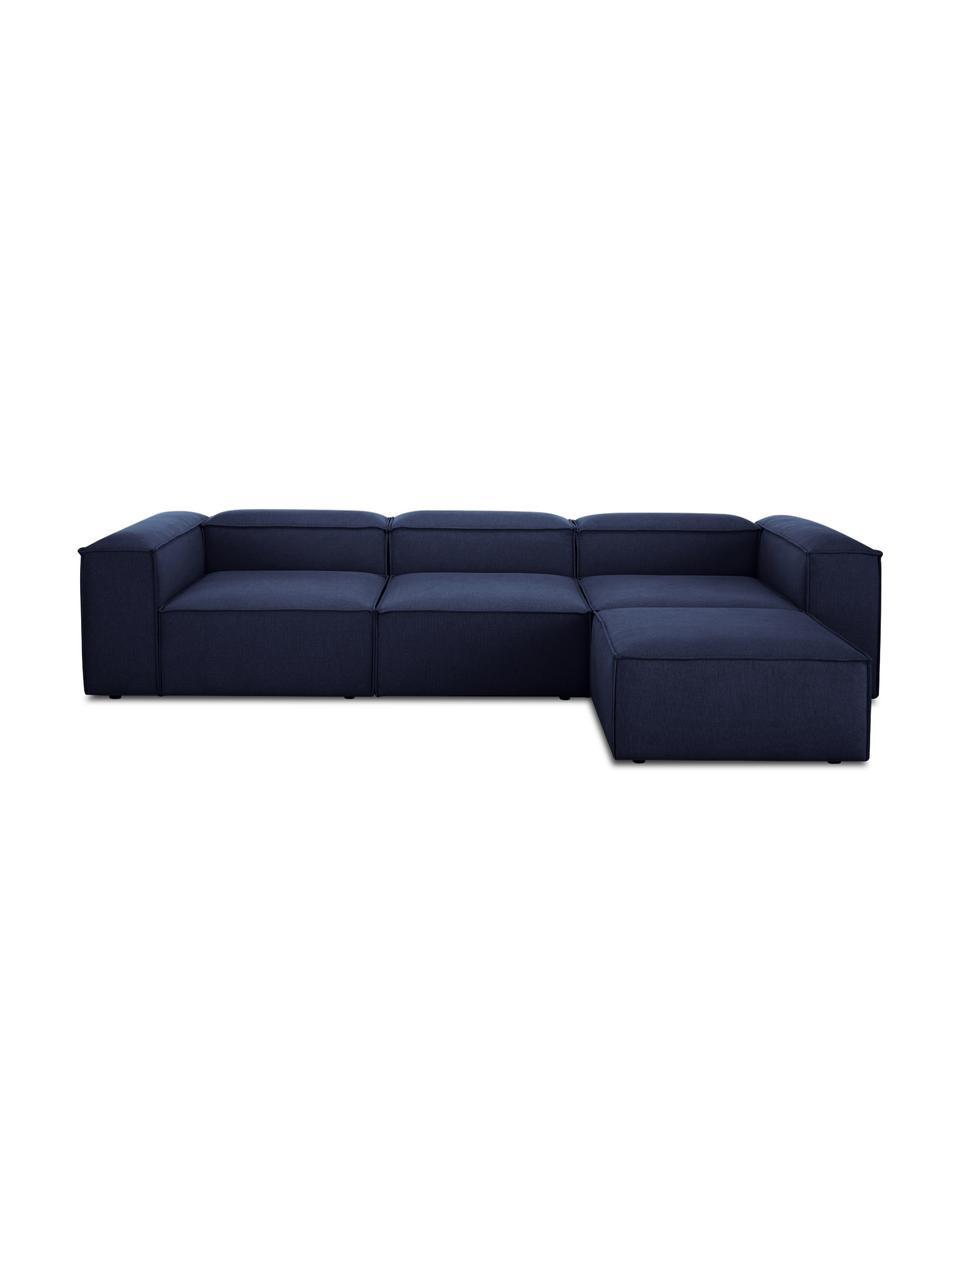 Modulares Sofa Lennon (4-Sitzer) mit Hocker in Blau, Bezug: 100% Polyester Der strapa, Gestell: Massives Kiefernholz, Spe, Füße: Kunststoff Die Füße befin, Webstoff Blau, B 327 x T 207 cm